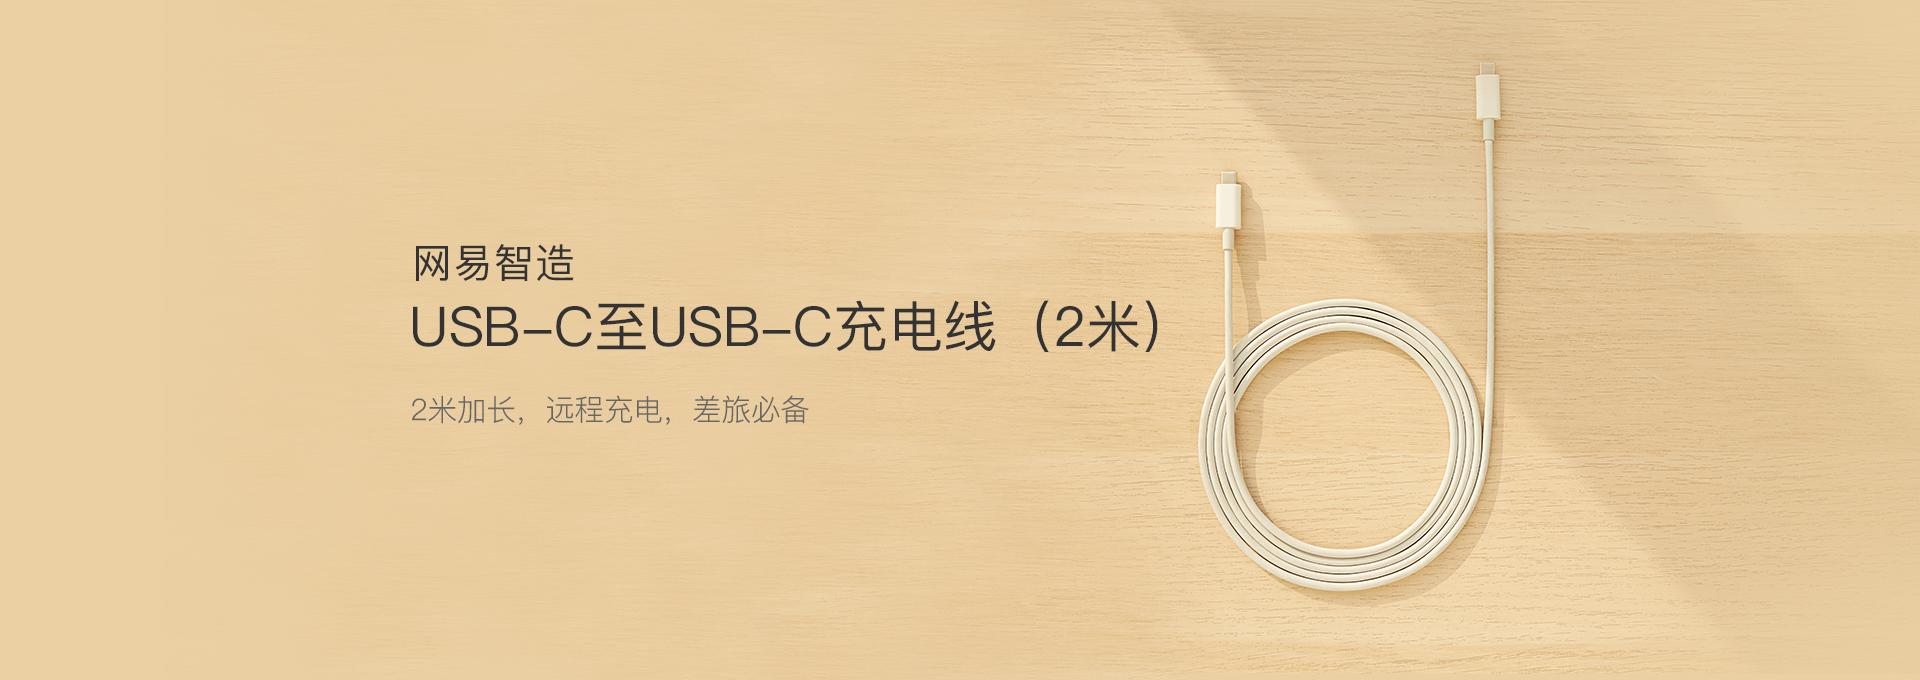 USB-C至USB-C充电线